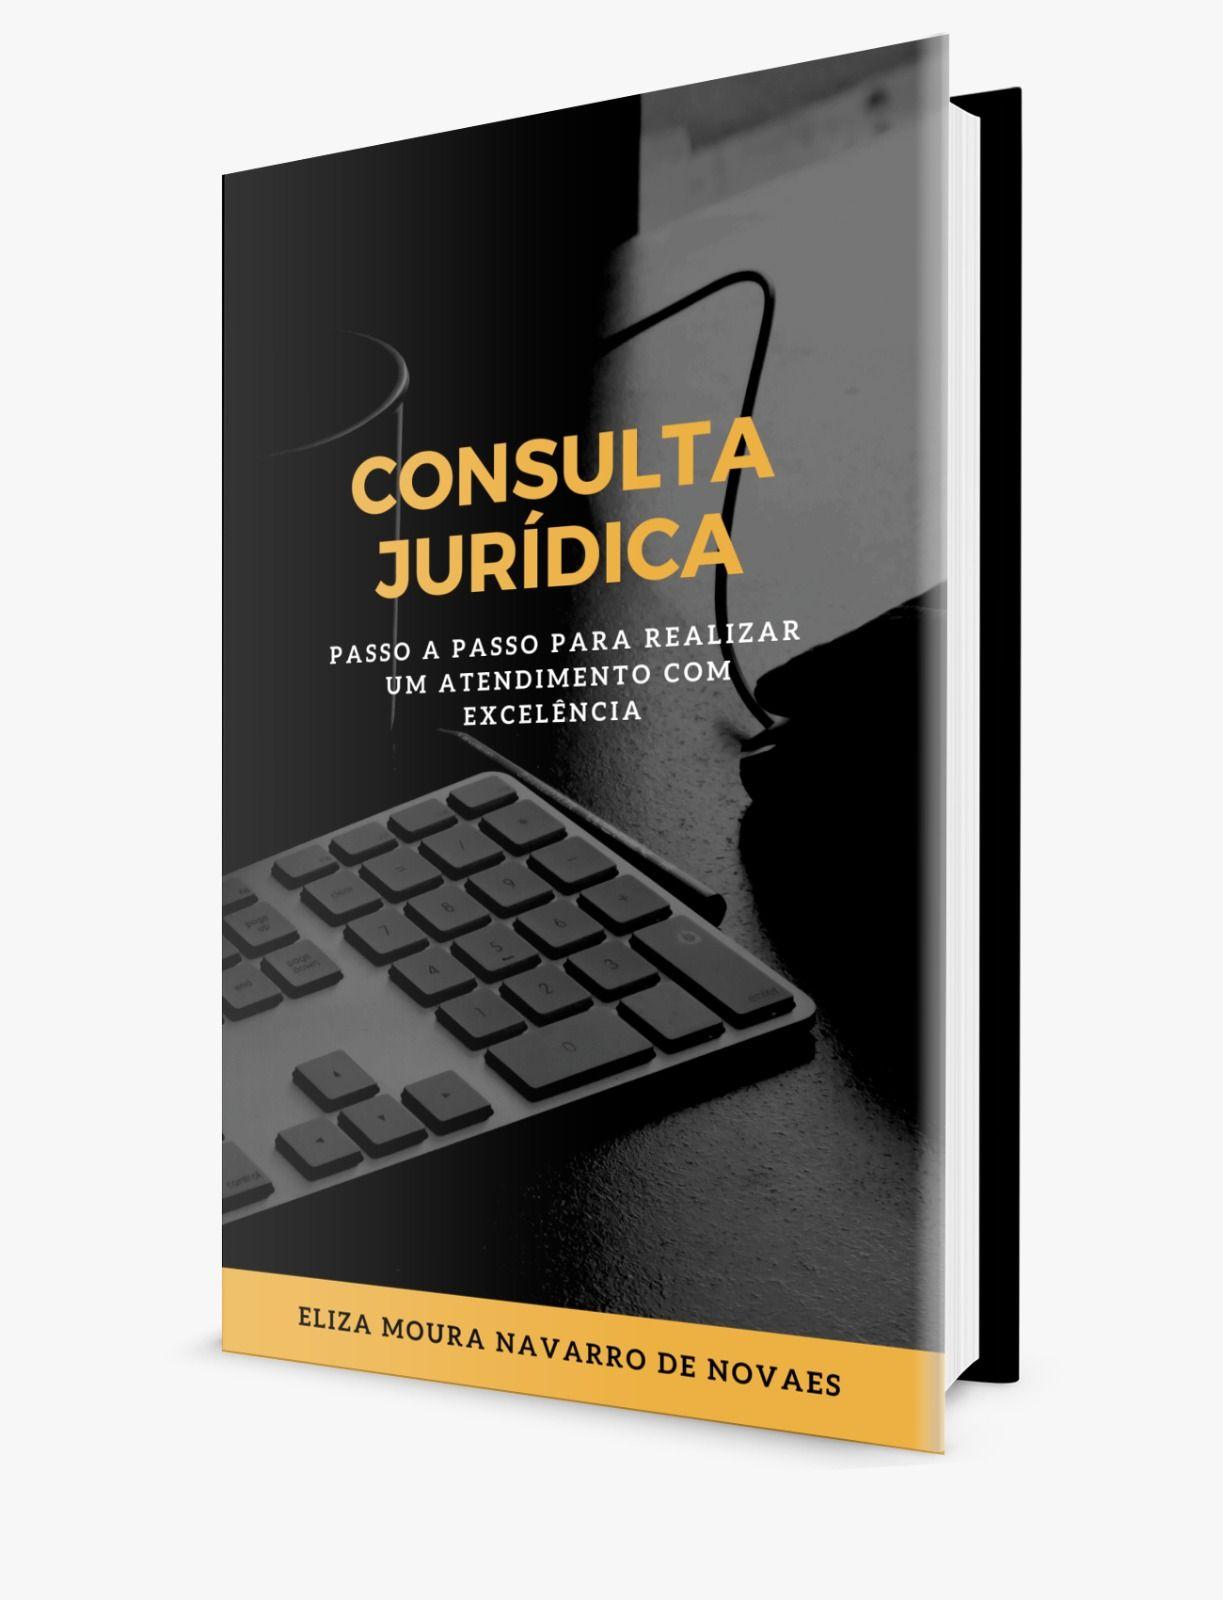 Consulta Jurídica: O Passo a passo para realizar um atendimento com Excelência.